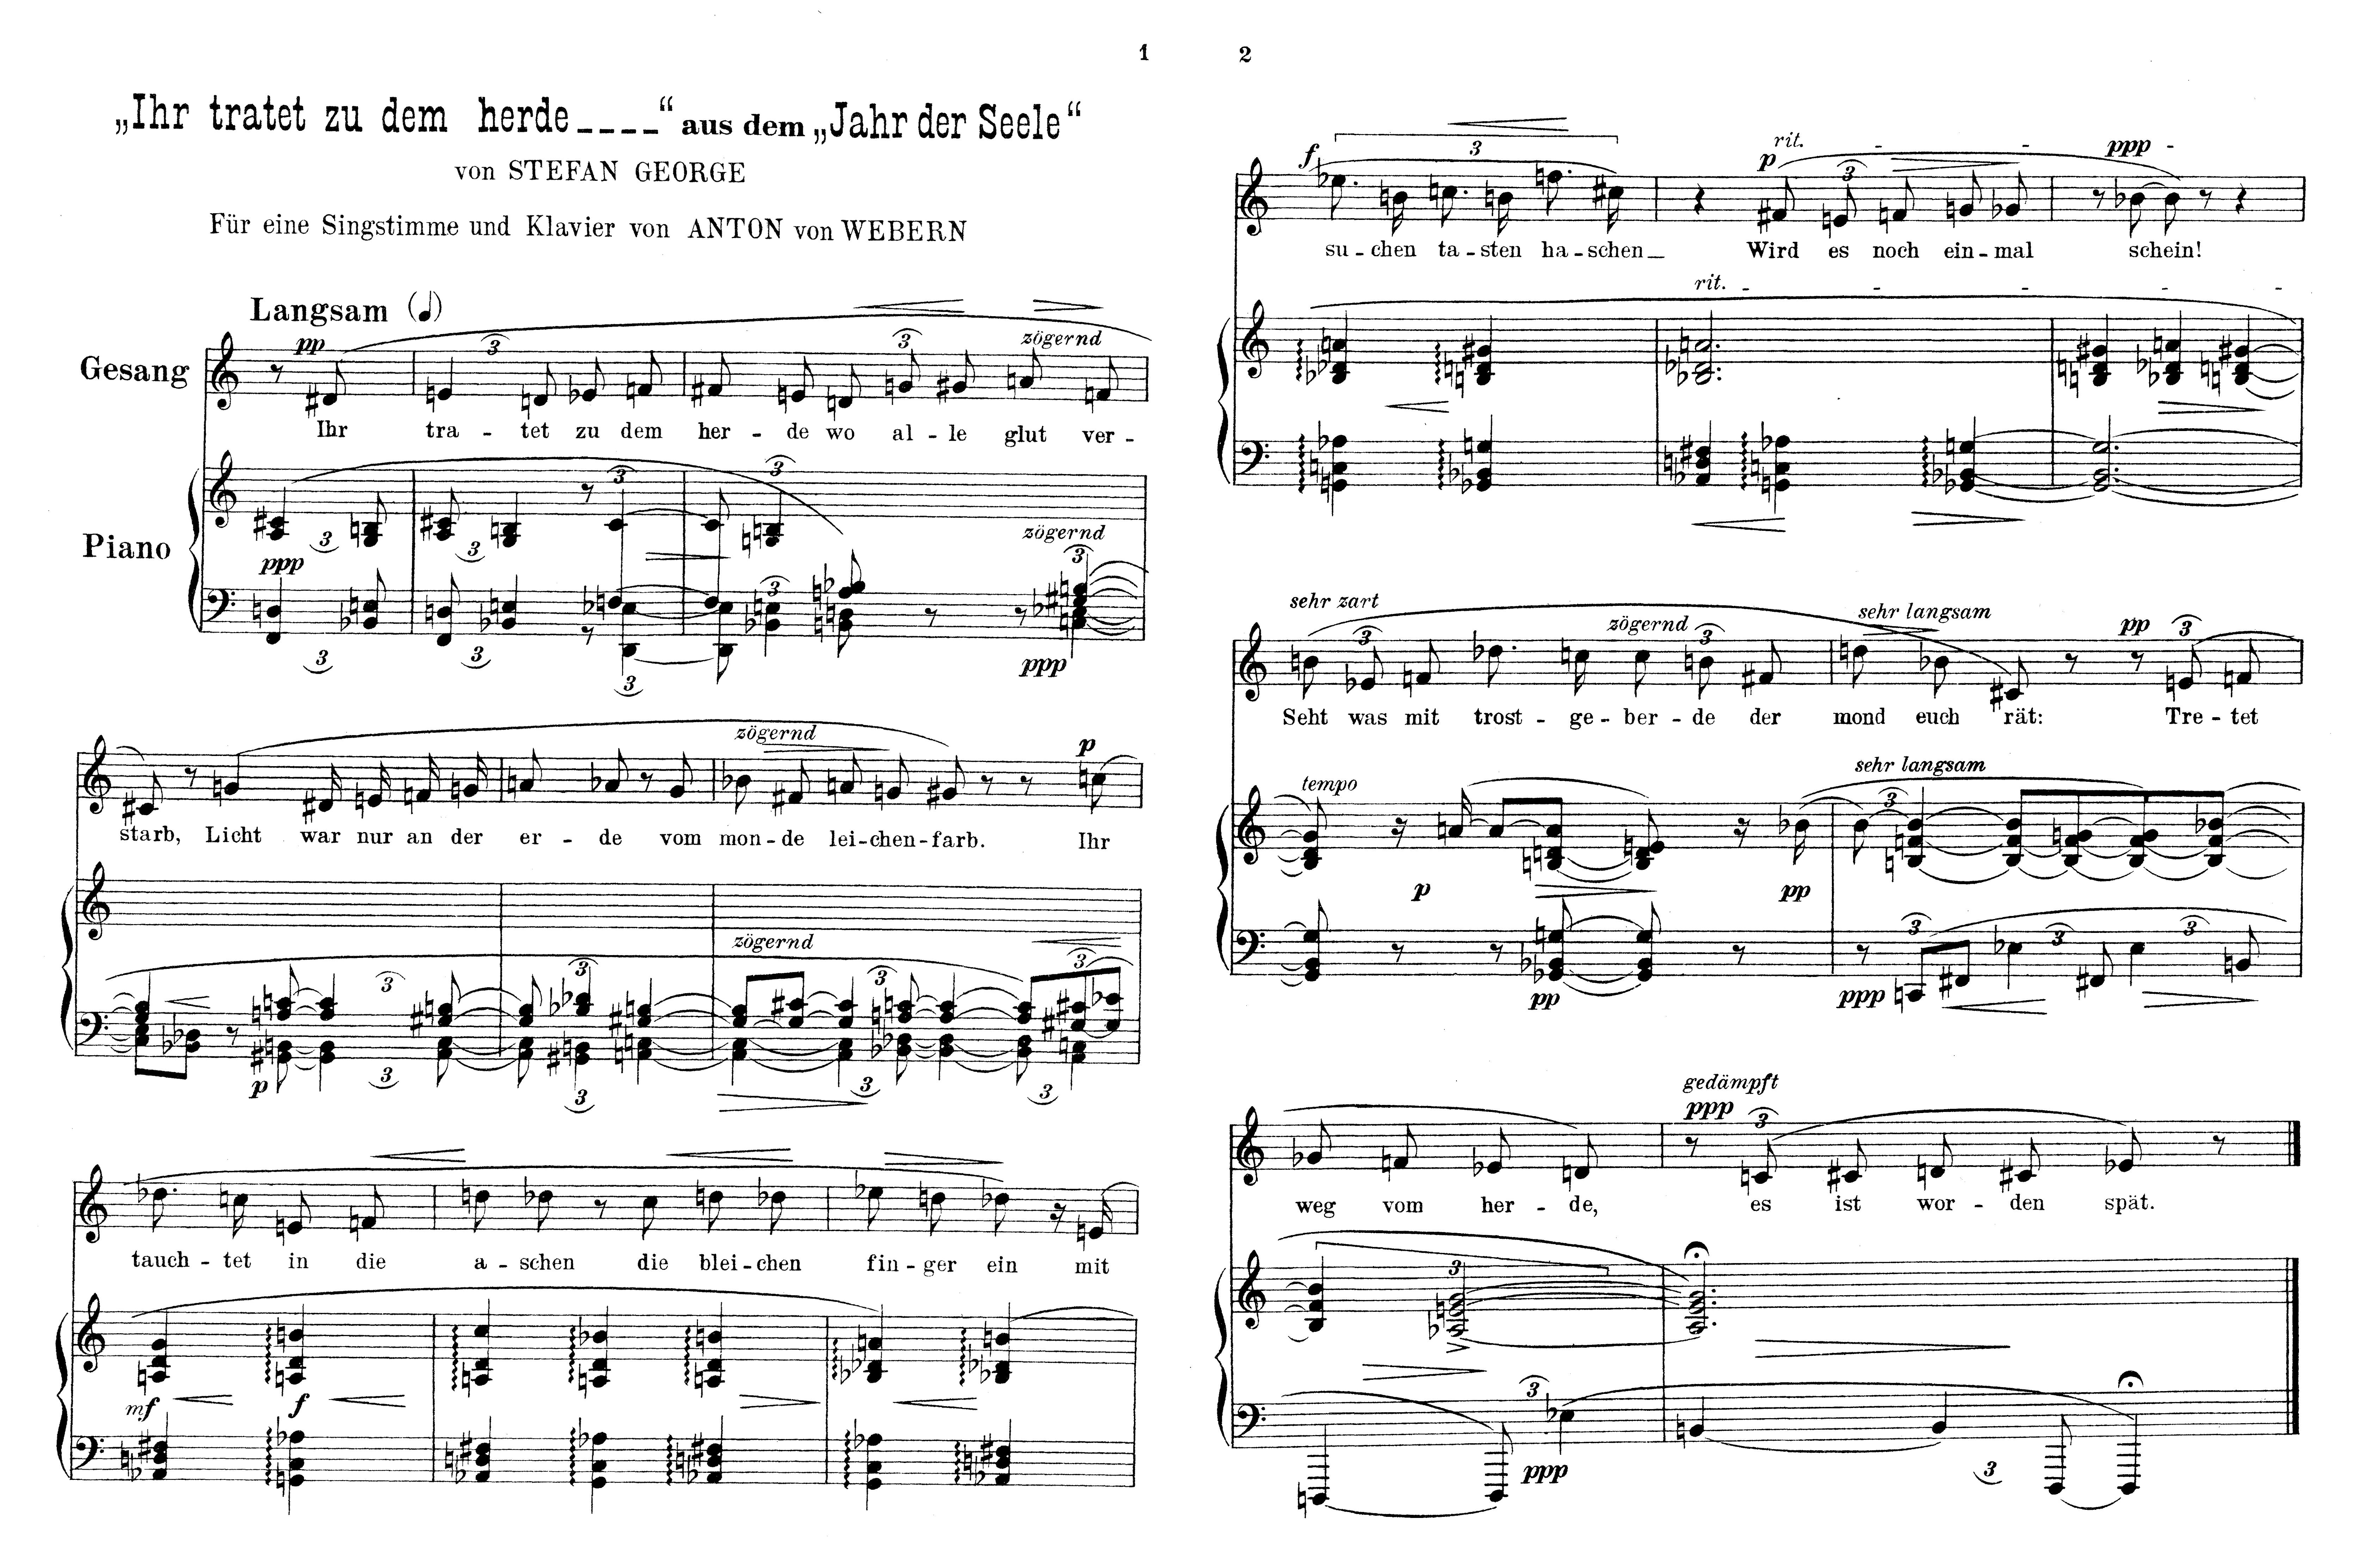 Abb. 3: Abdruck von                                     Anton Weberns George-Vertonung »Ihr tratet zu dem Herde« als                                     Beilage in: Der Blaue Reiter.  Kandinsky / Marc 1976                                         (1912). [Public Domain Marked.]